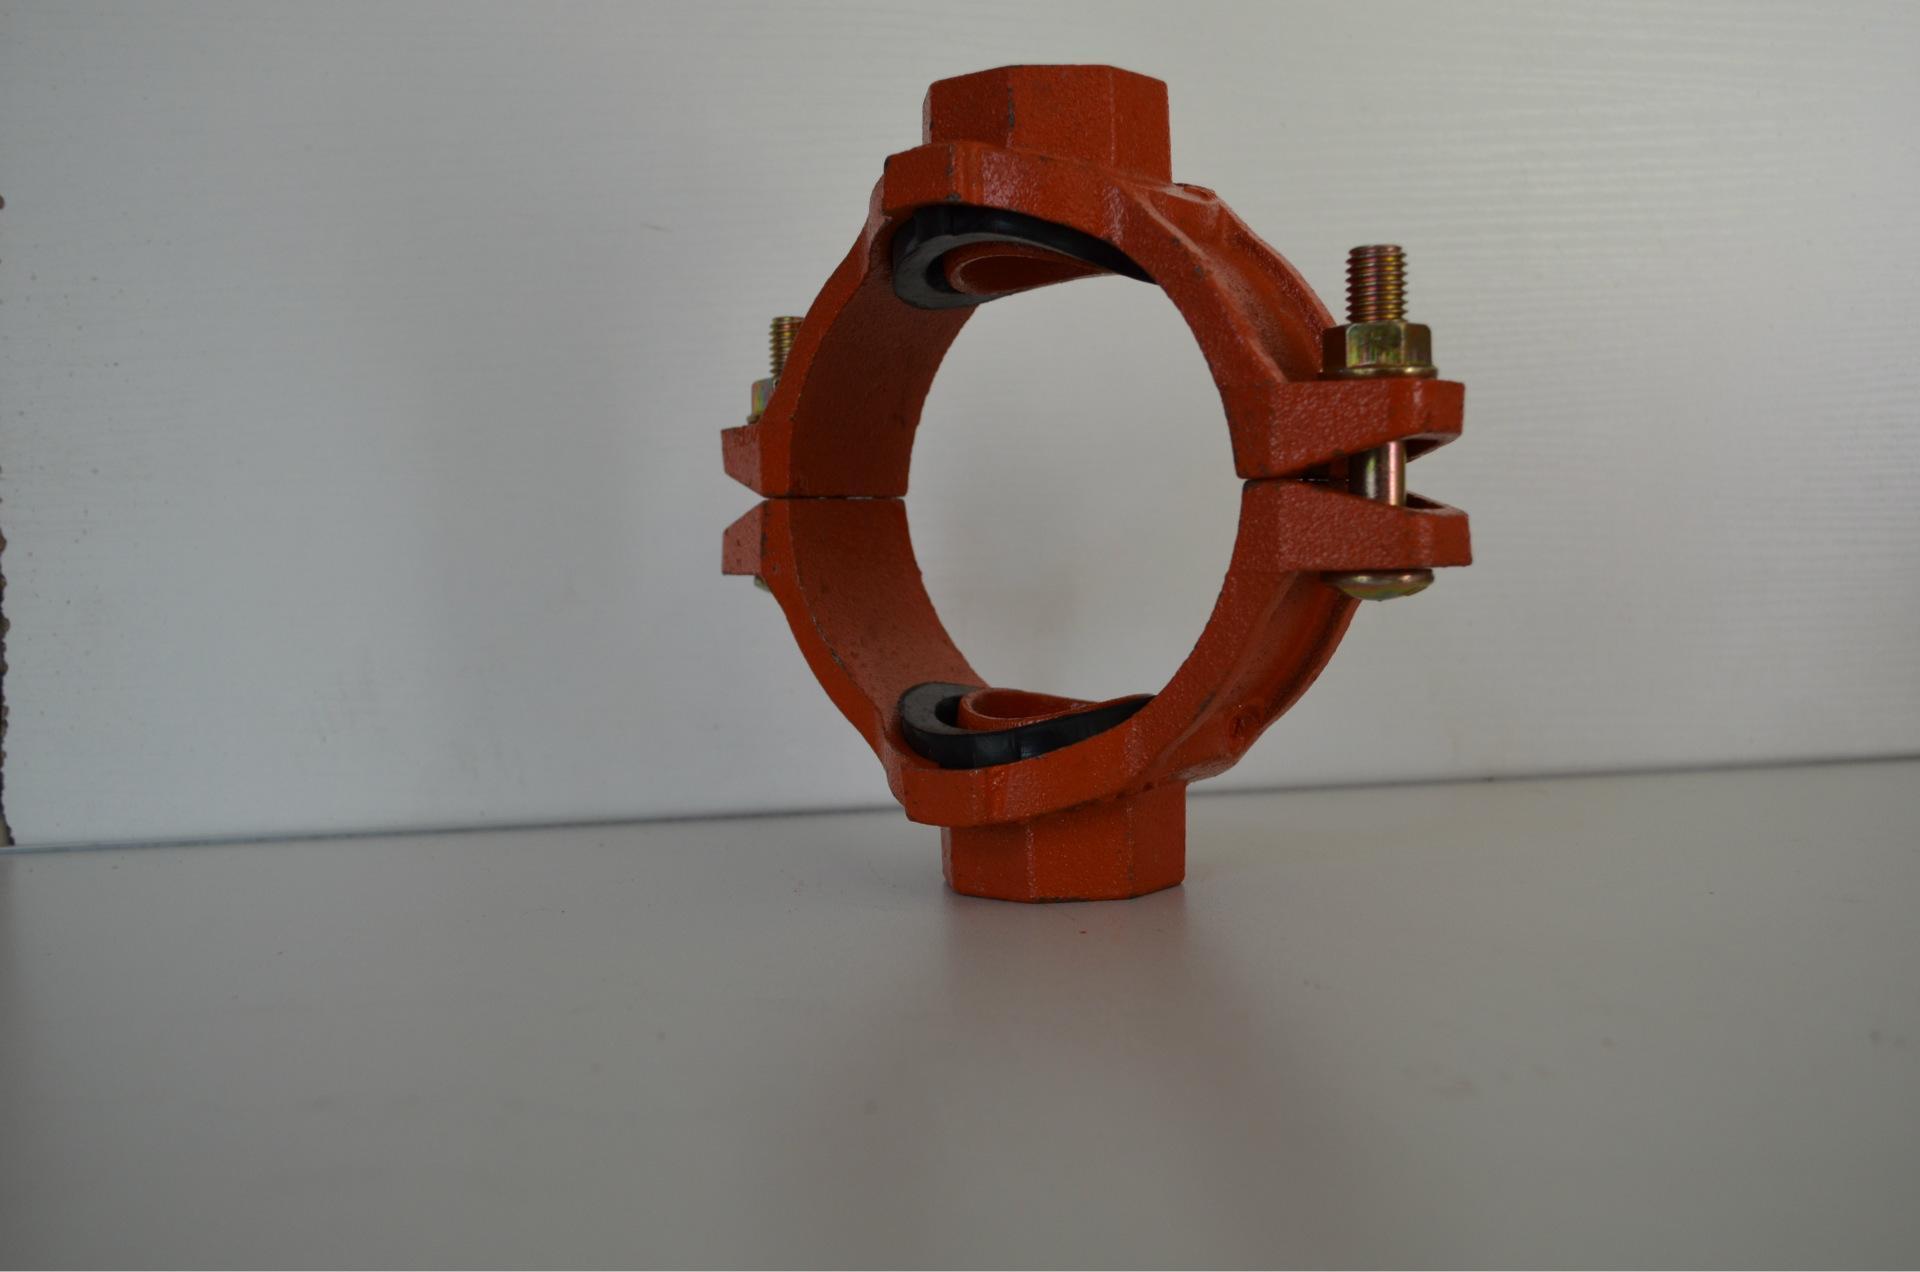 消防沟槽管件新款管件的特征是什么?